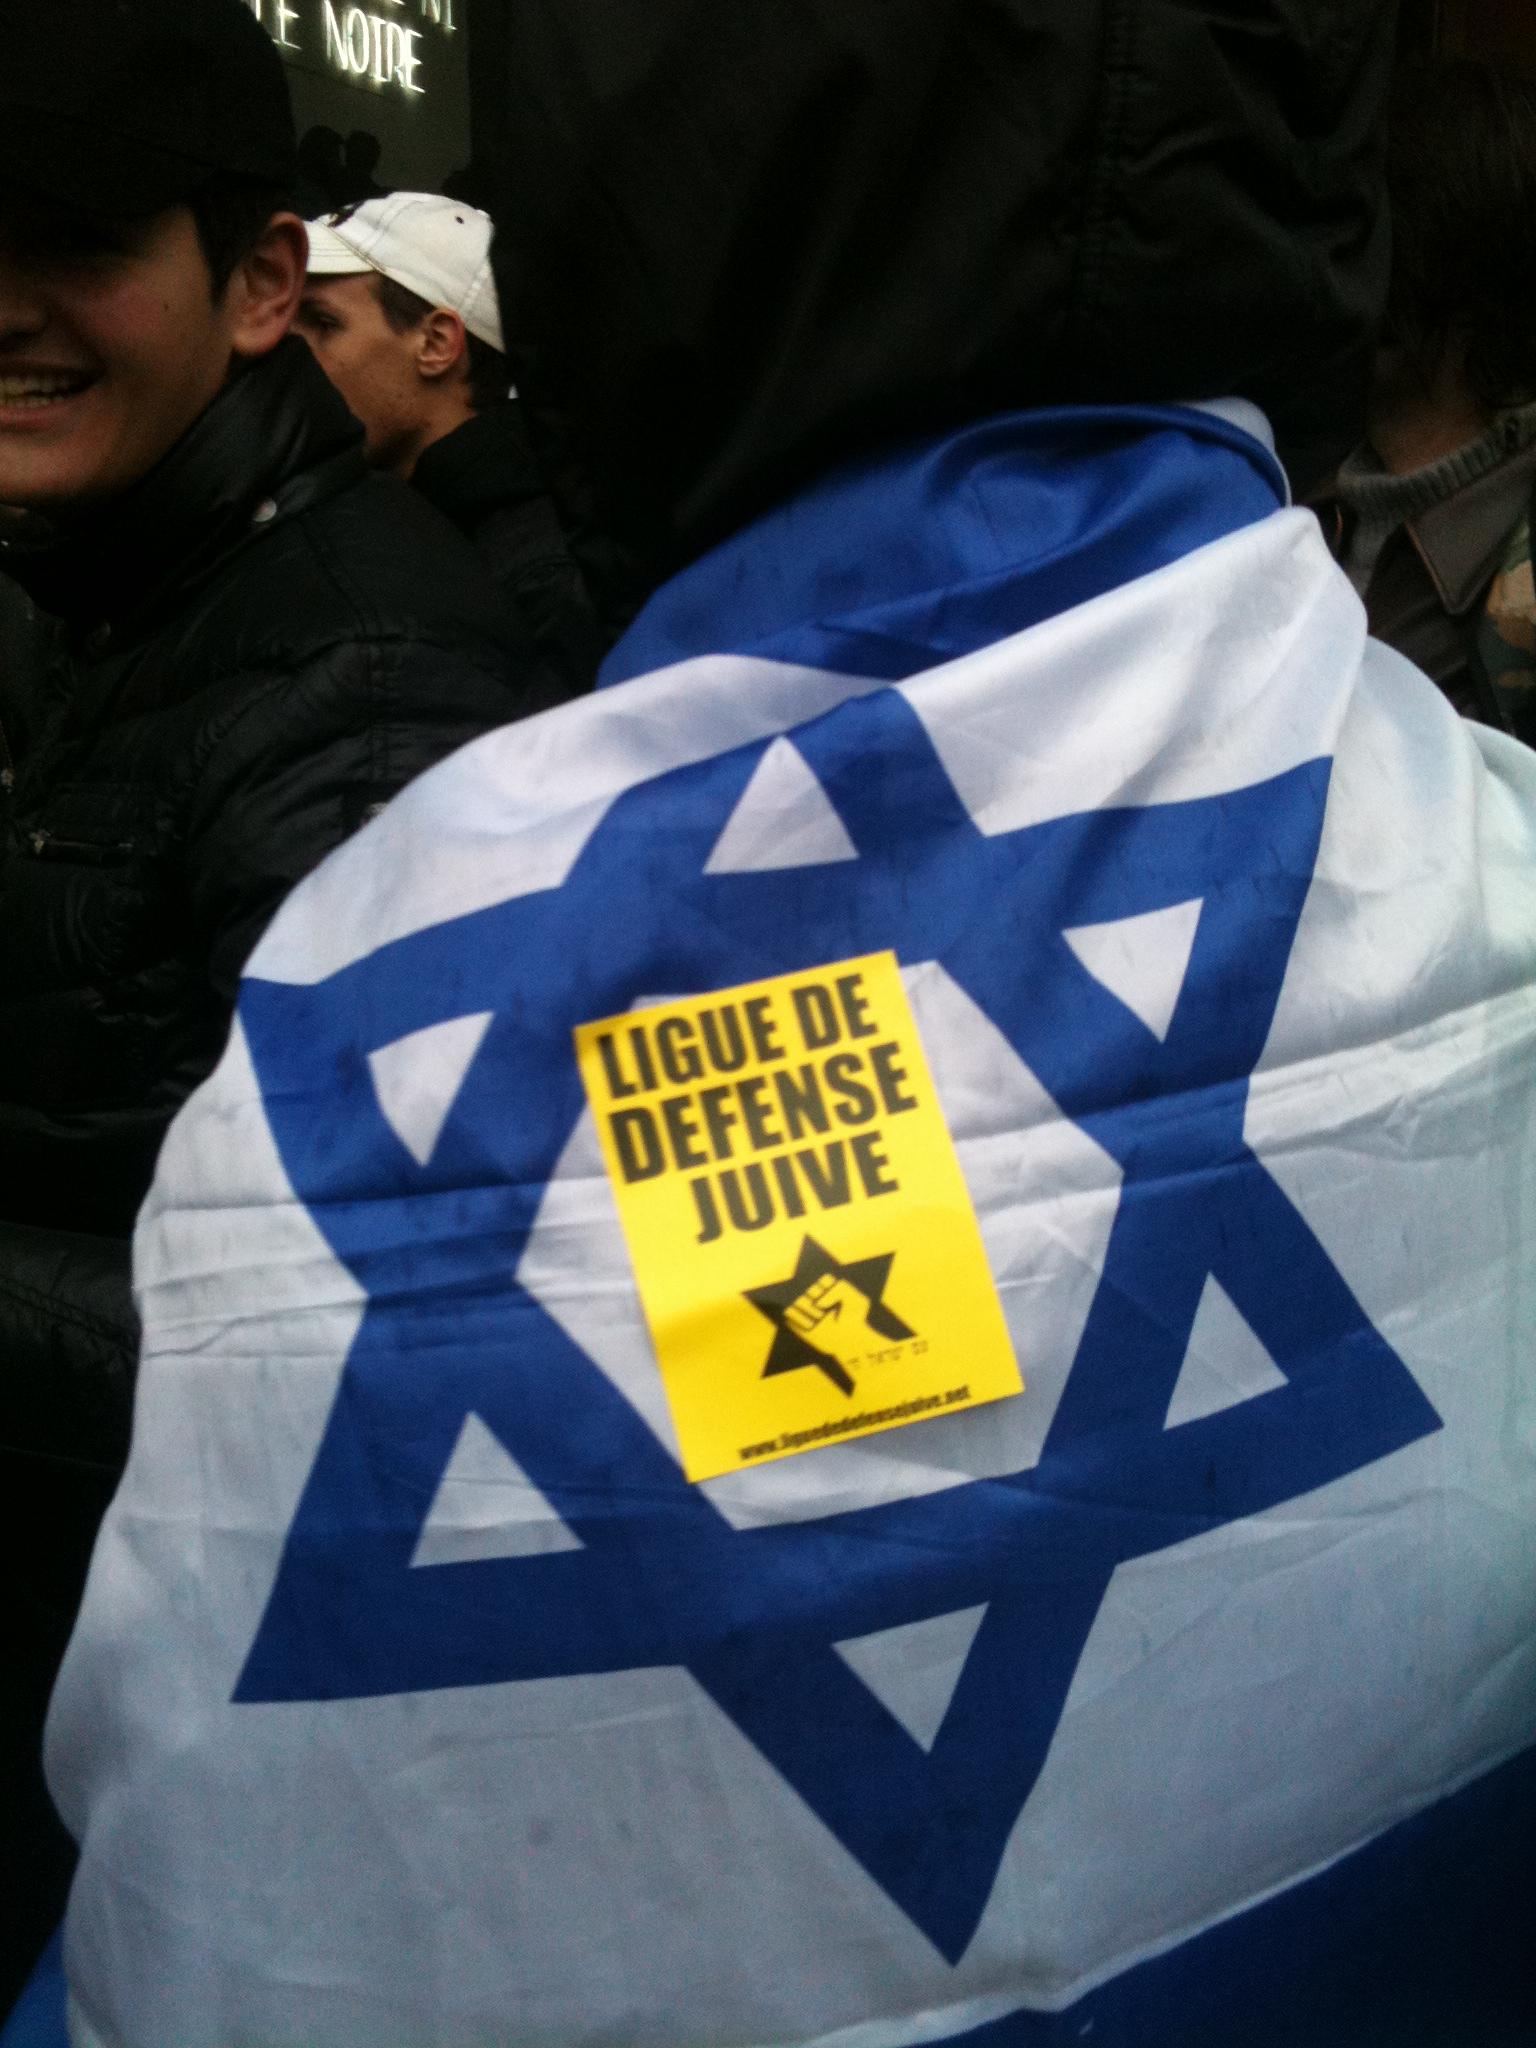 La Ligue de Défense Juive occupe les locaux de France INTER pour protester contre les propos antisémites